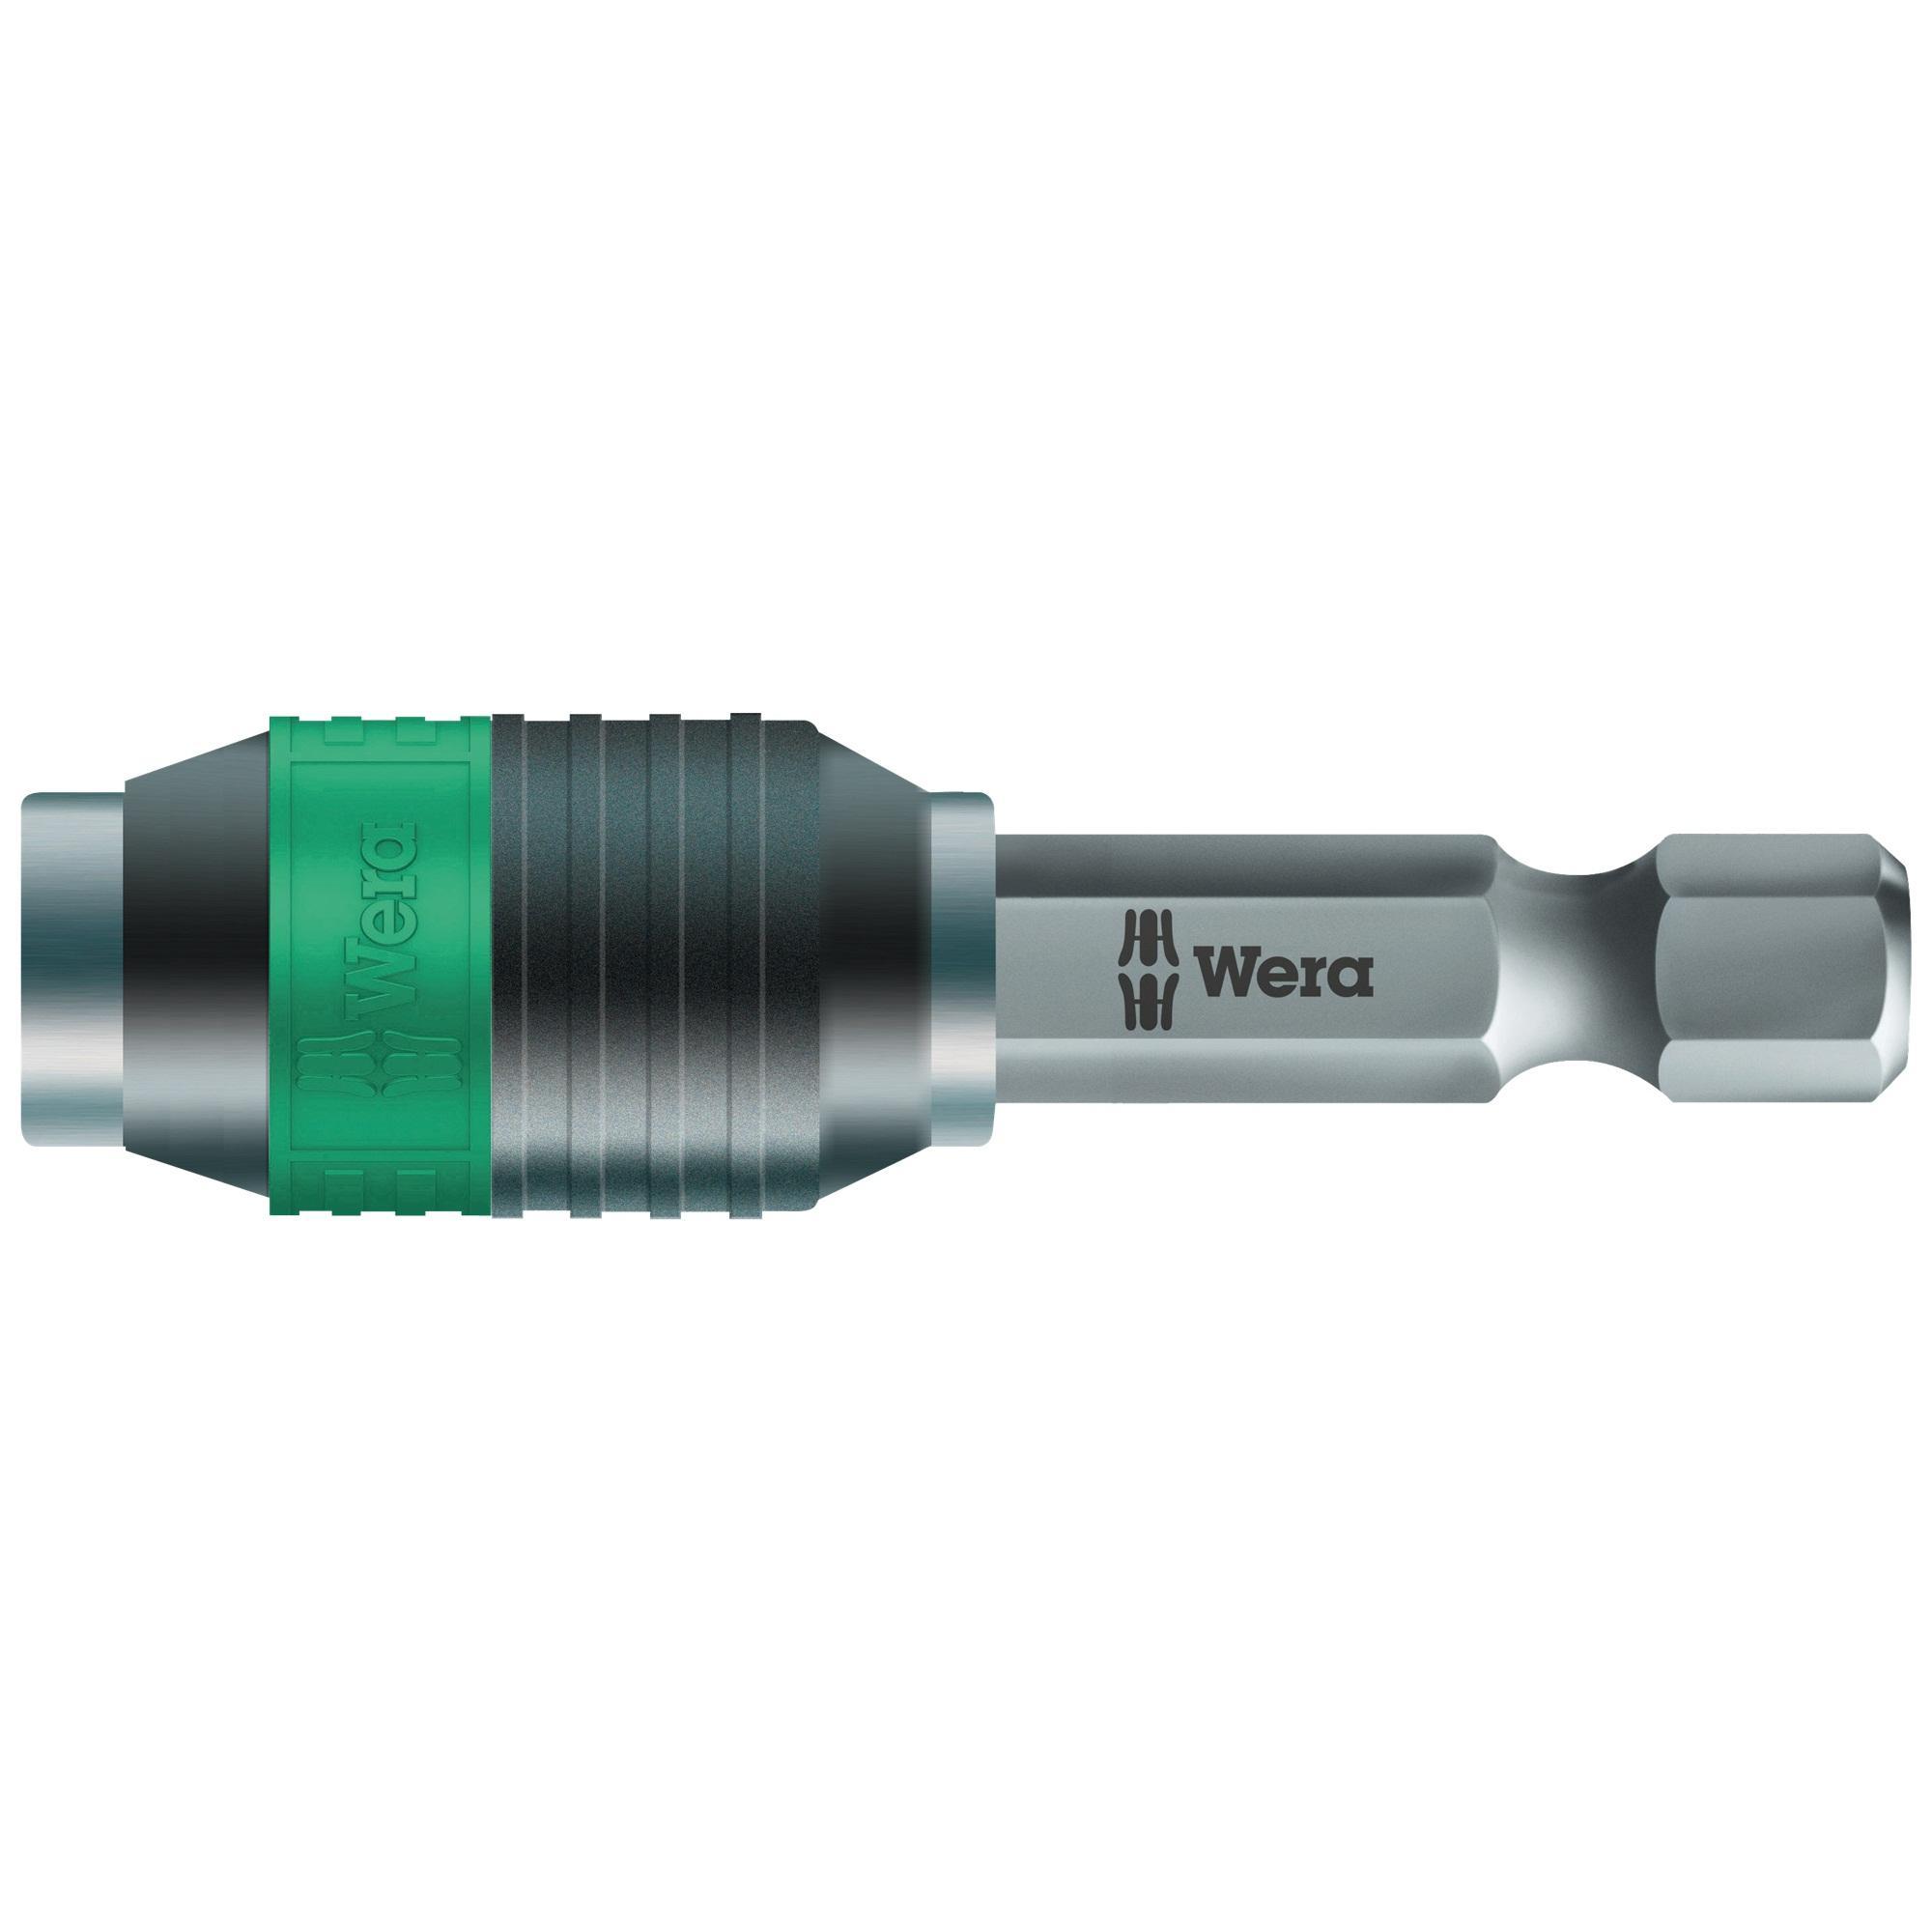 Đầu chuyển đa năng 889/4/1 K dài 1/4 x 50mm Wera 05052502001